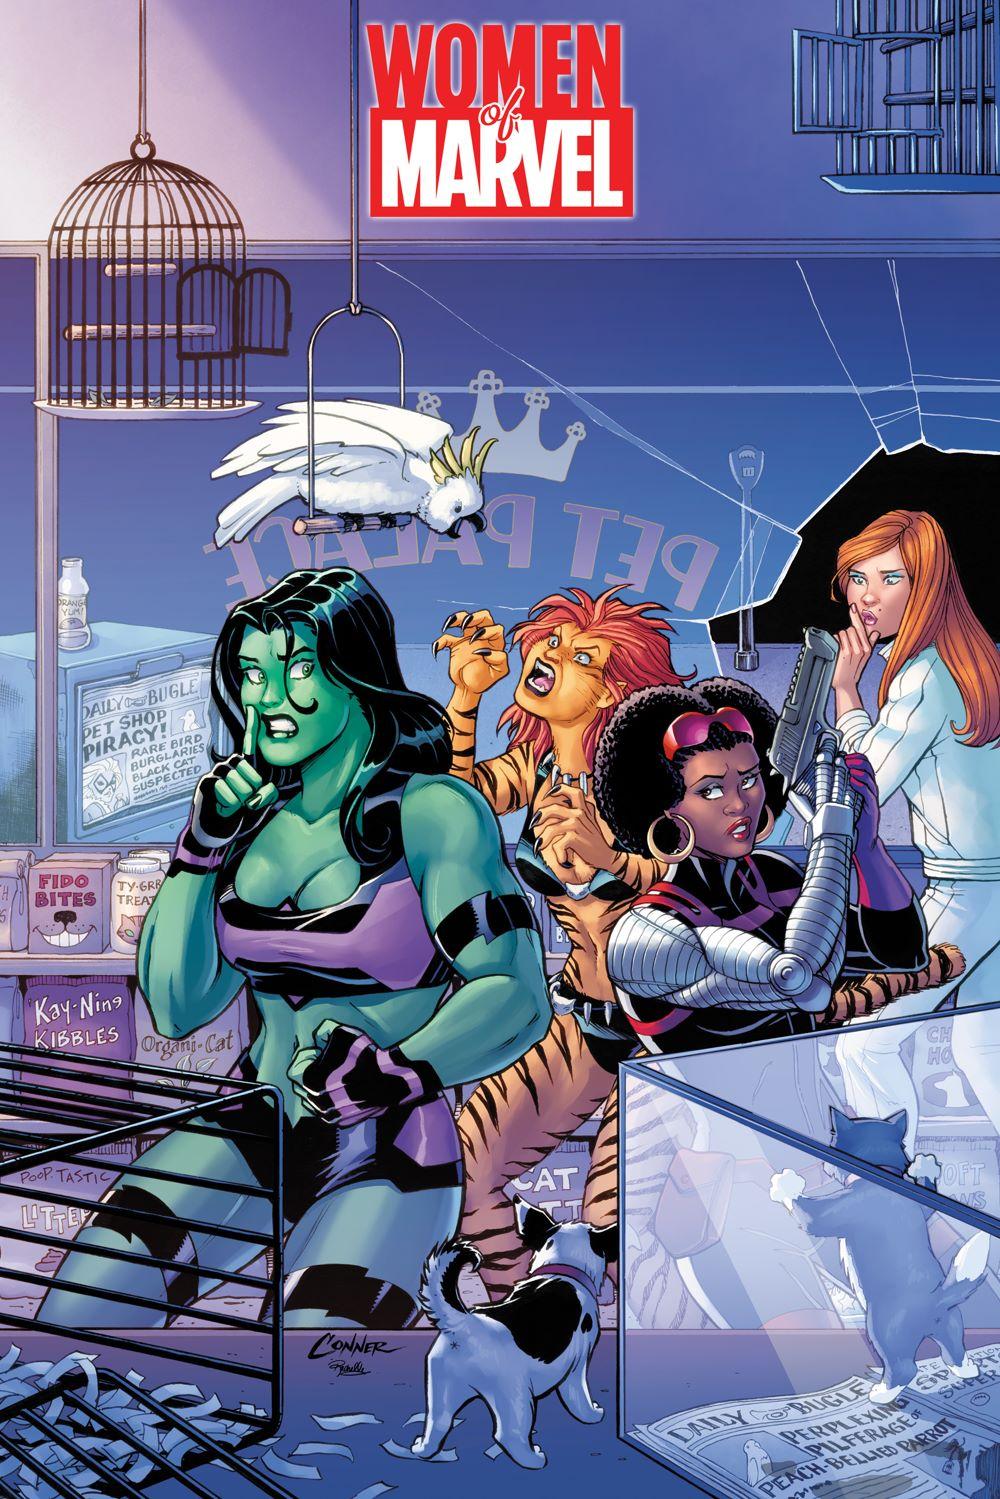 WOM2021001_Conner-variant Marvel releases WOMEN OF MARVEL #1 variant covers